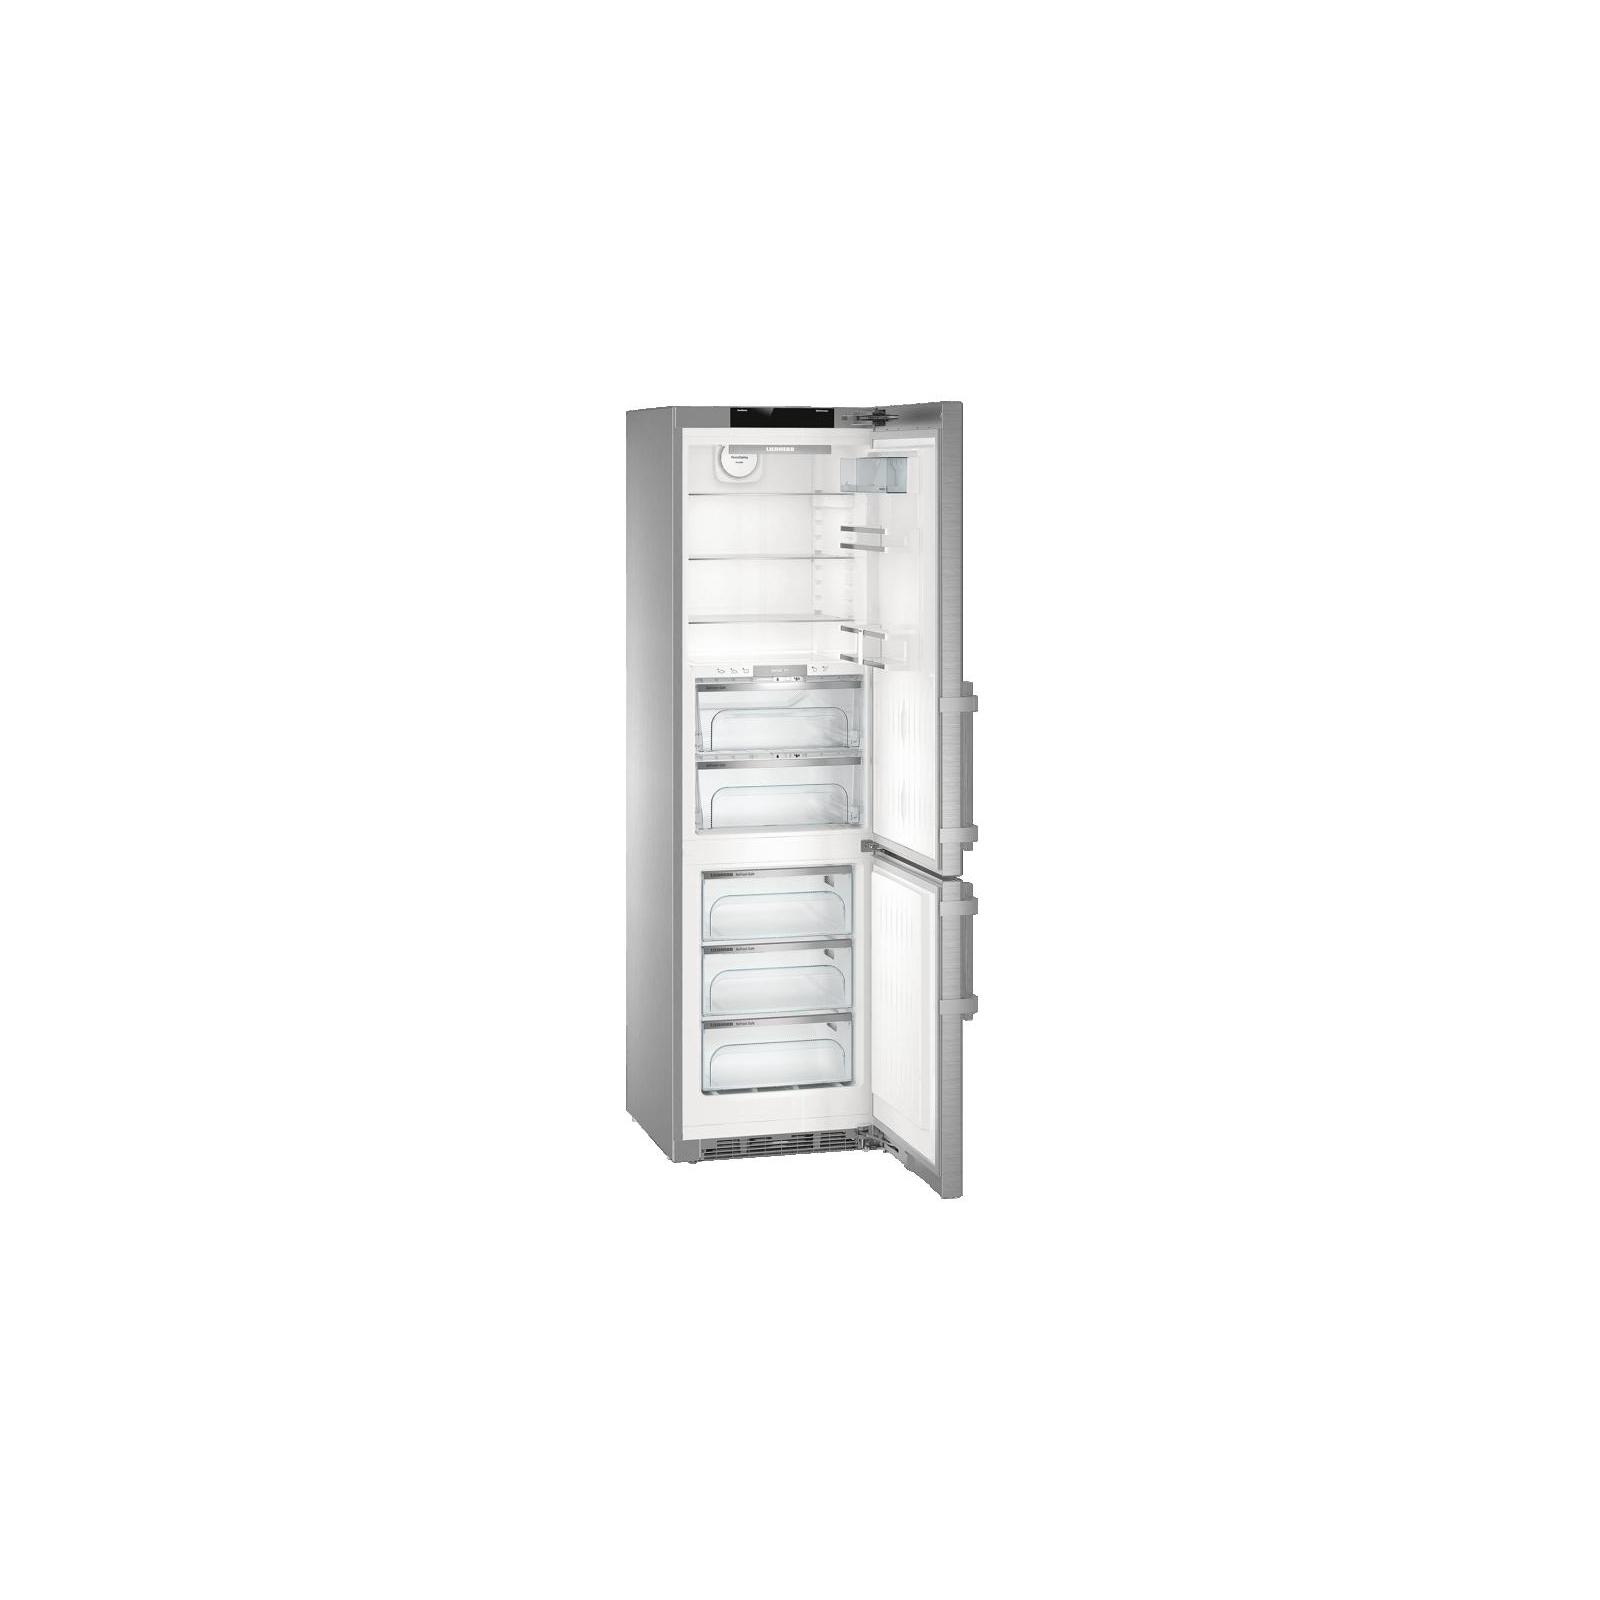 Холодильник Liebherr CBNPes 4858 изображение 2